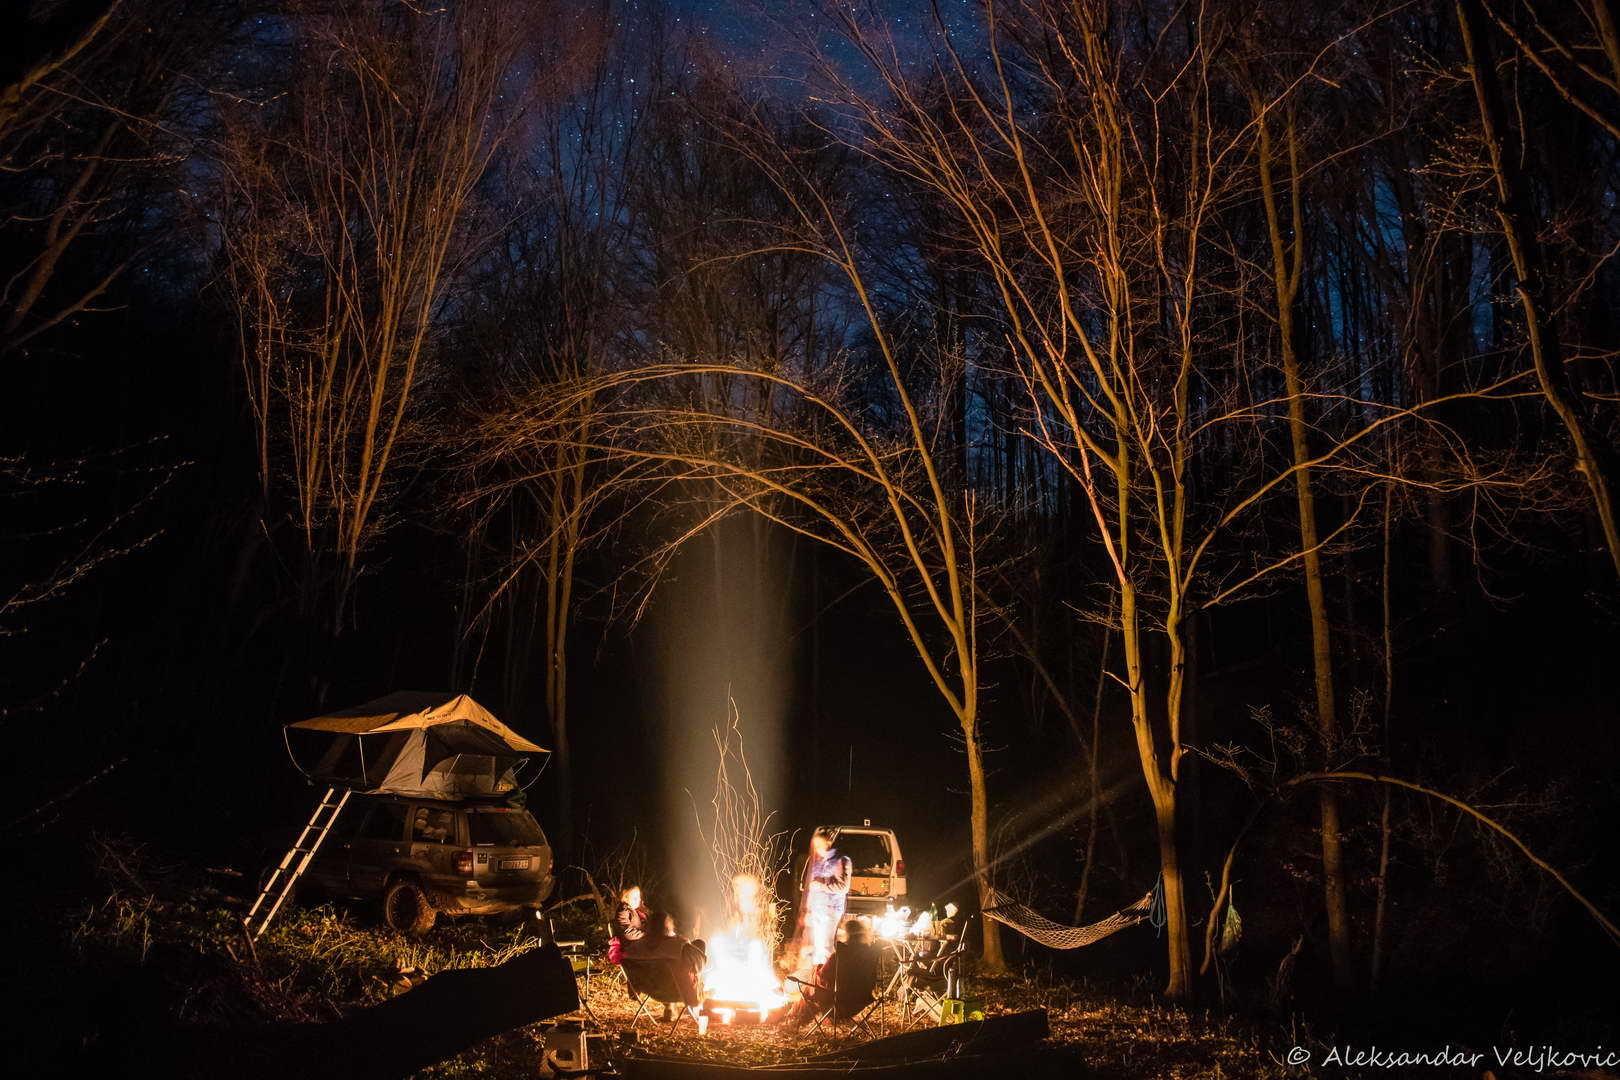 Duboko u šumi noću